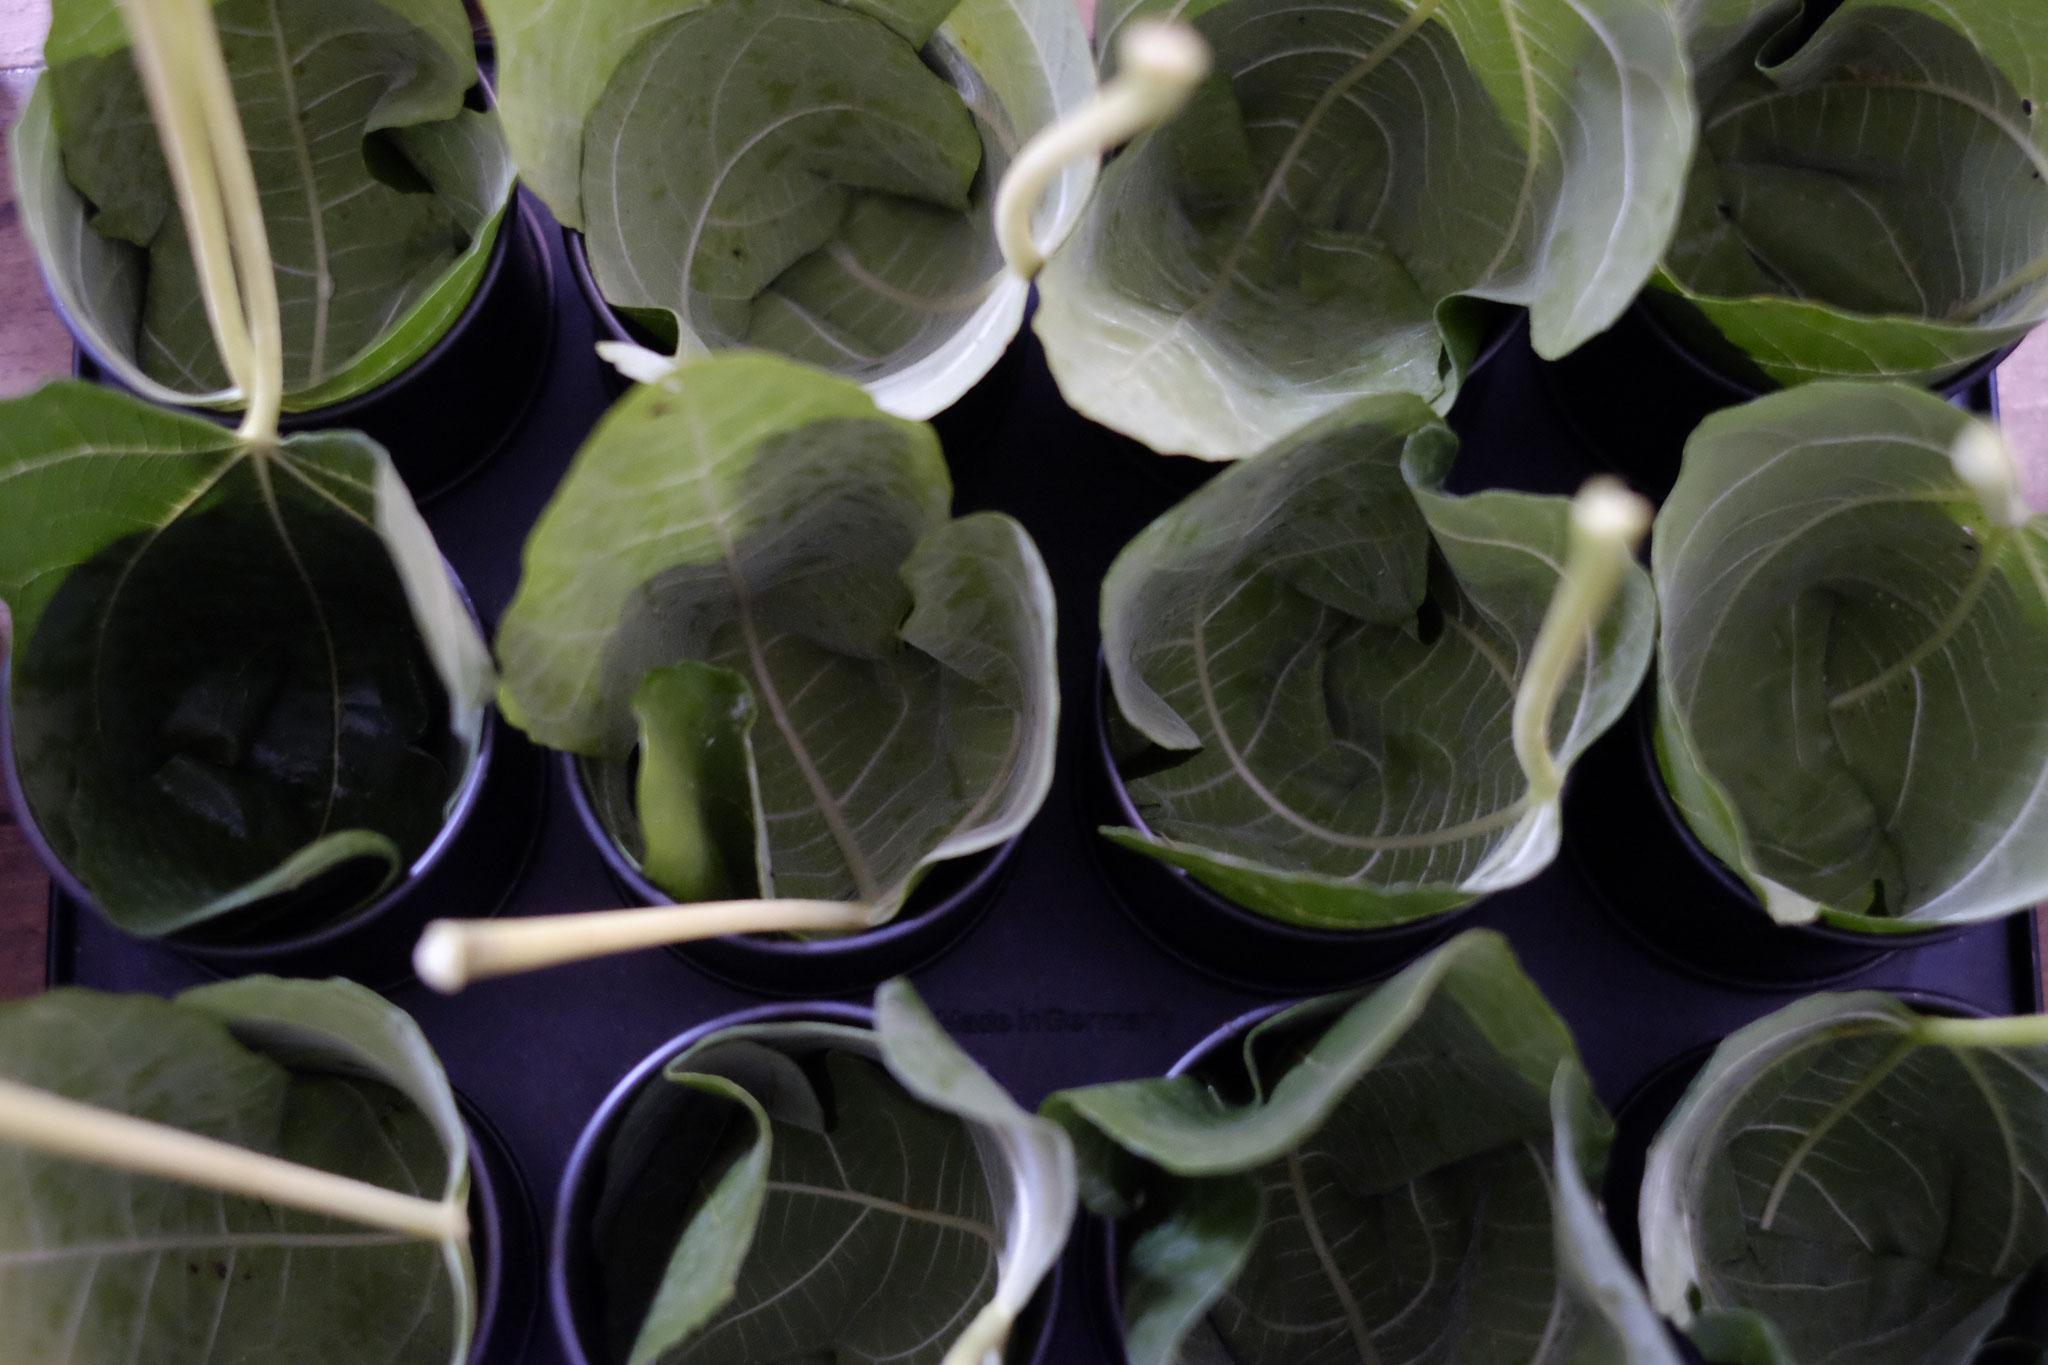 Feigenblätter als zerowaste Alternative zu Papierförmchen